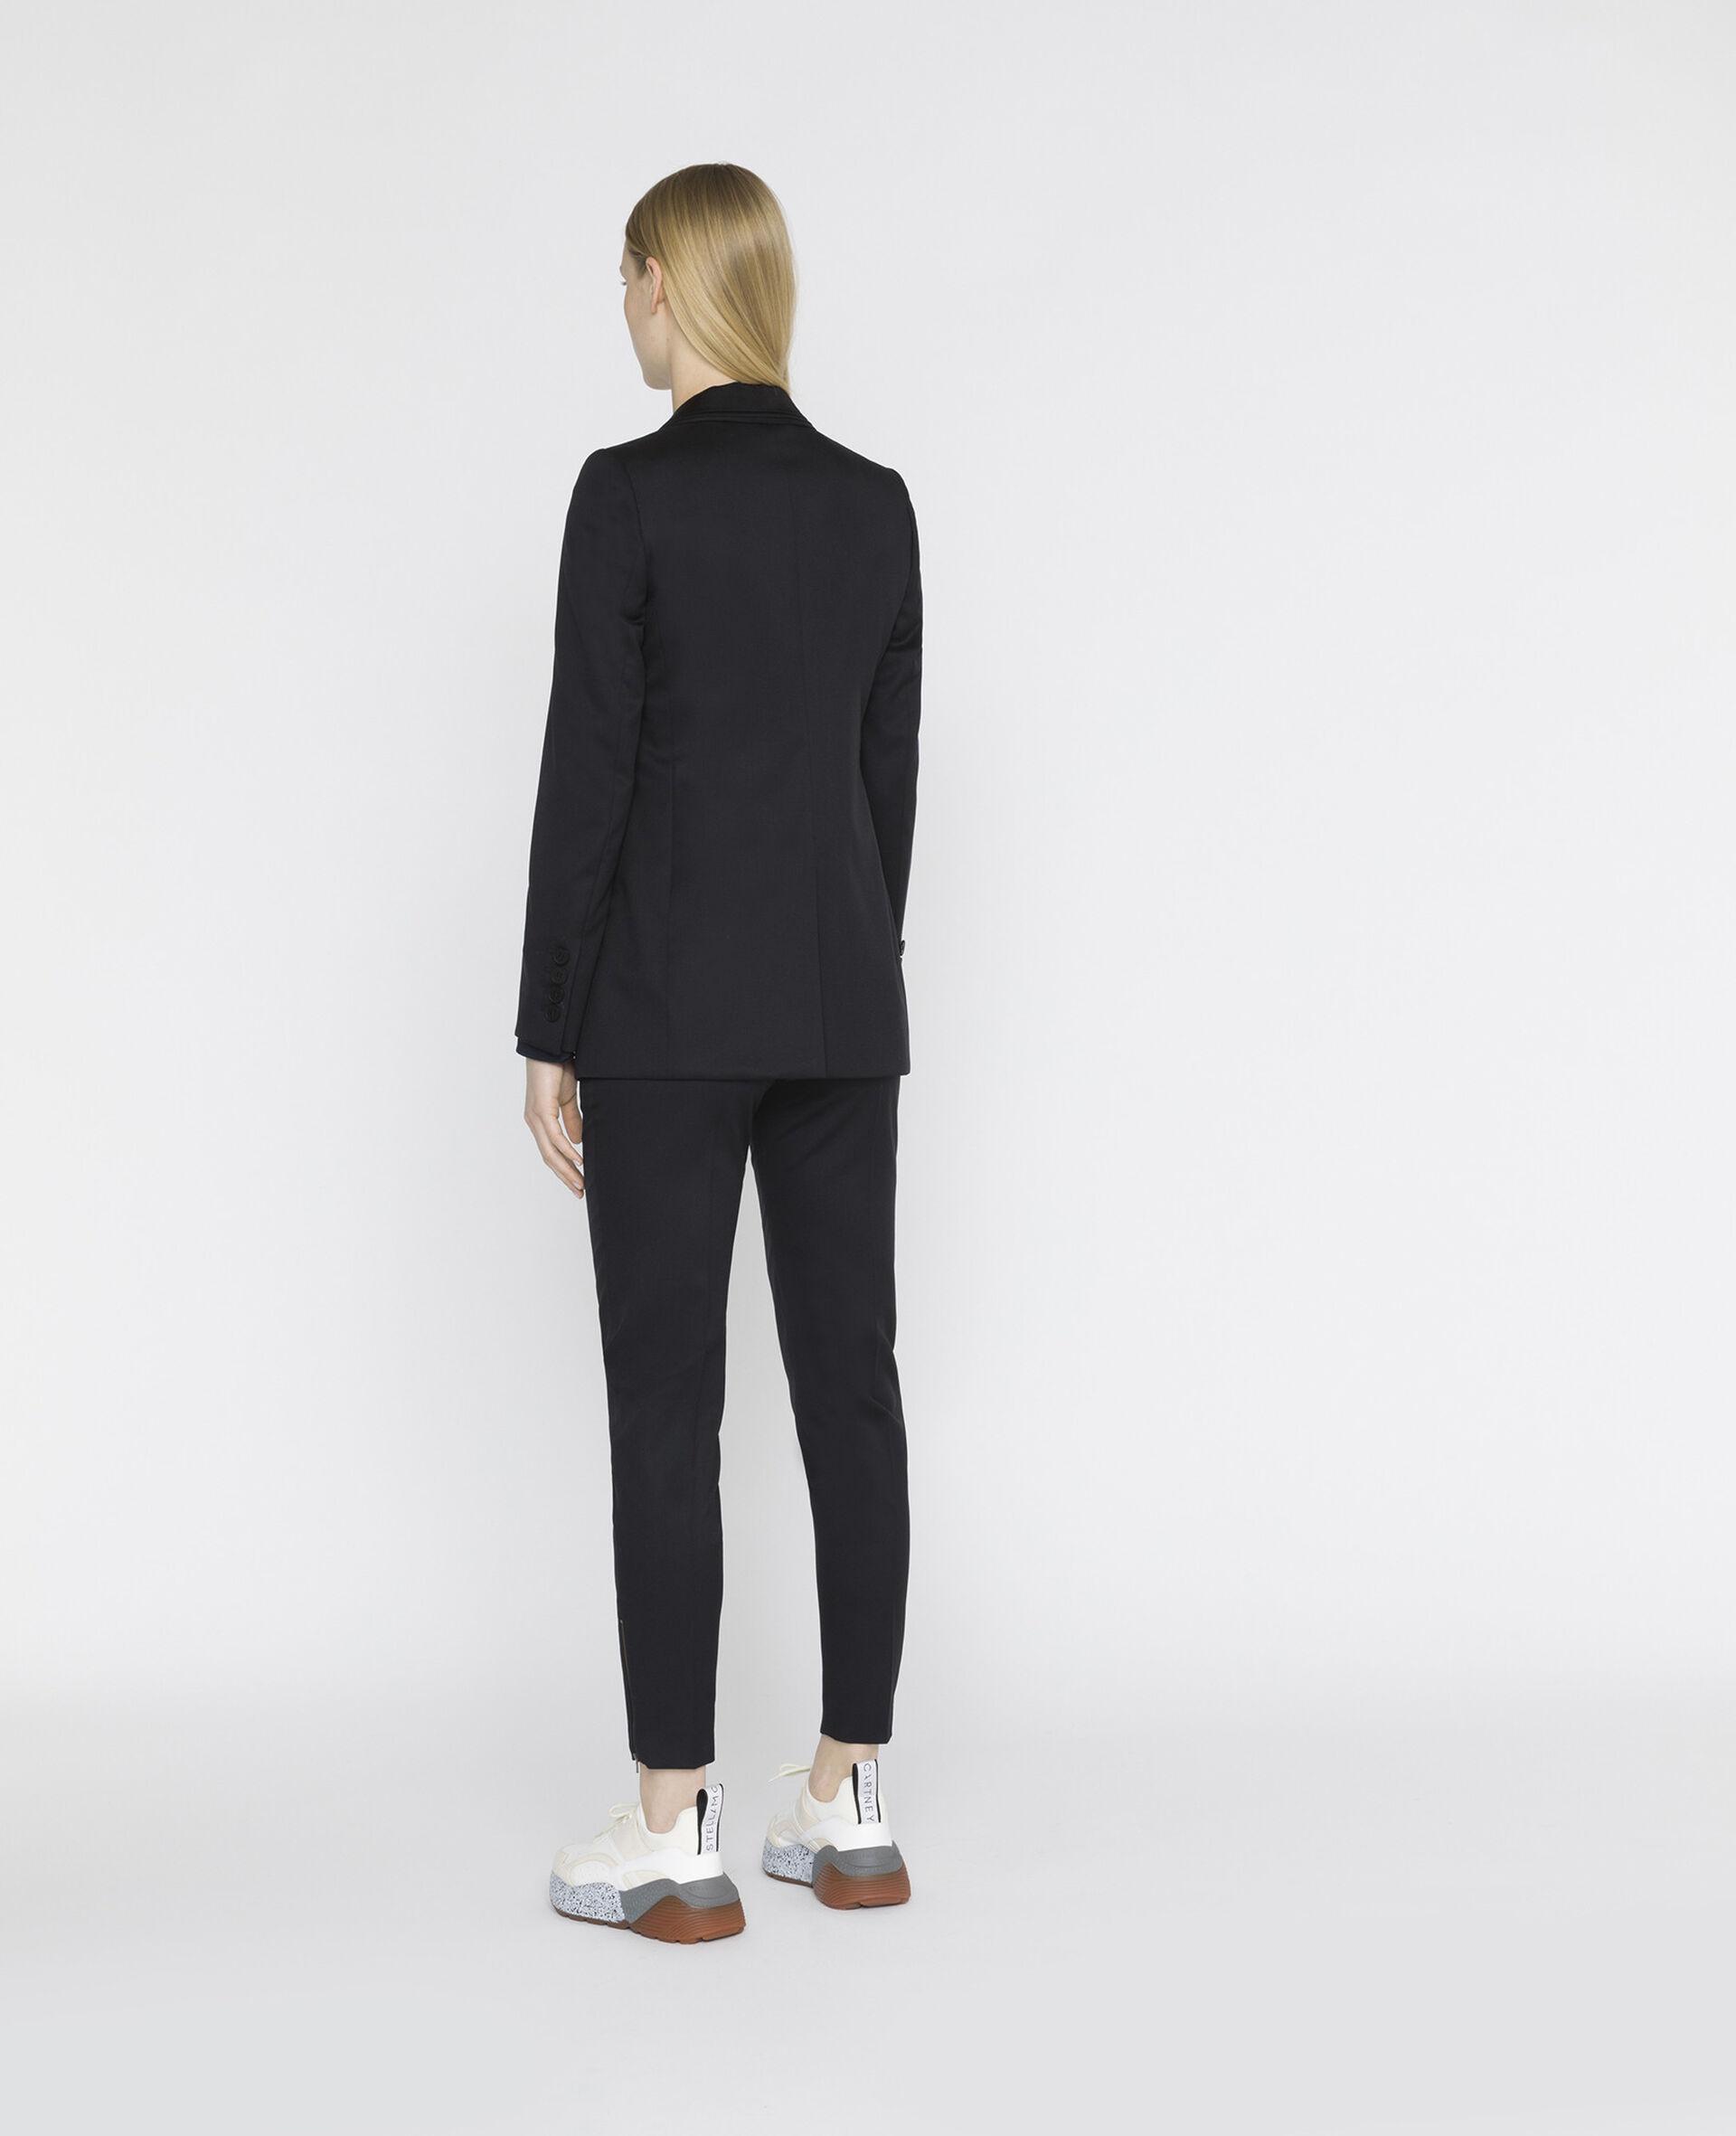 Pantaloni Vivian-Nero-large image number 2